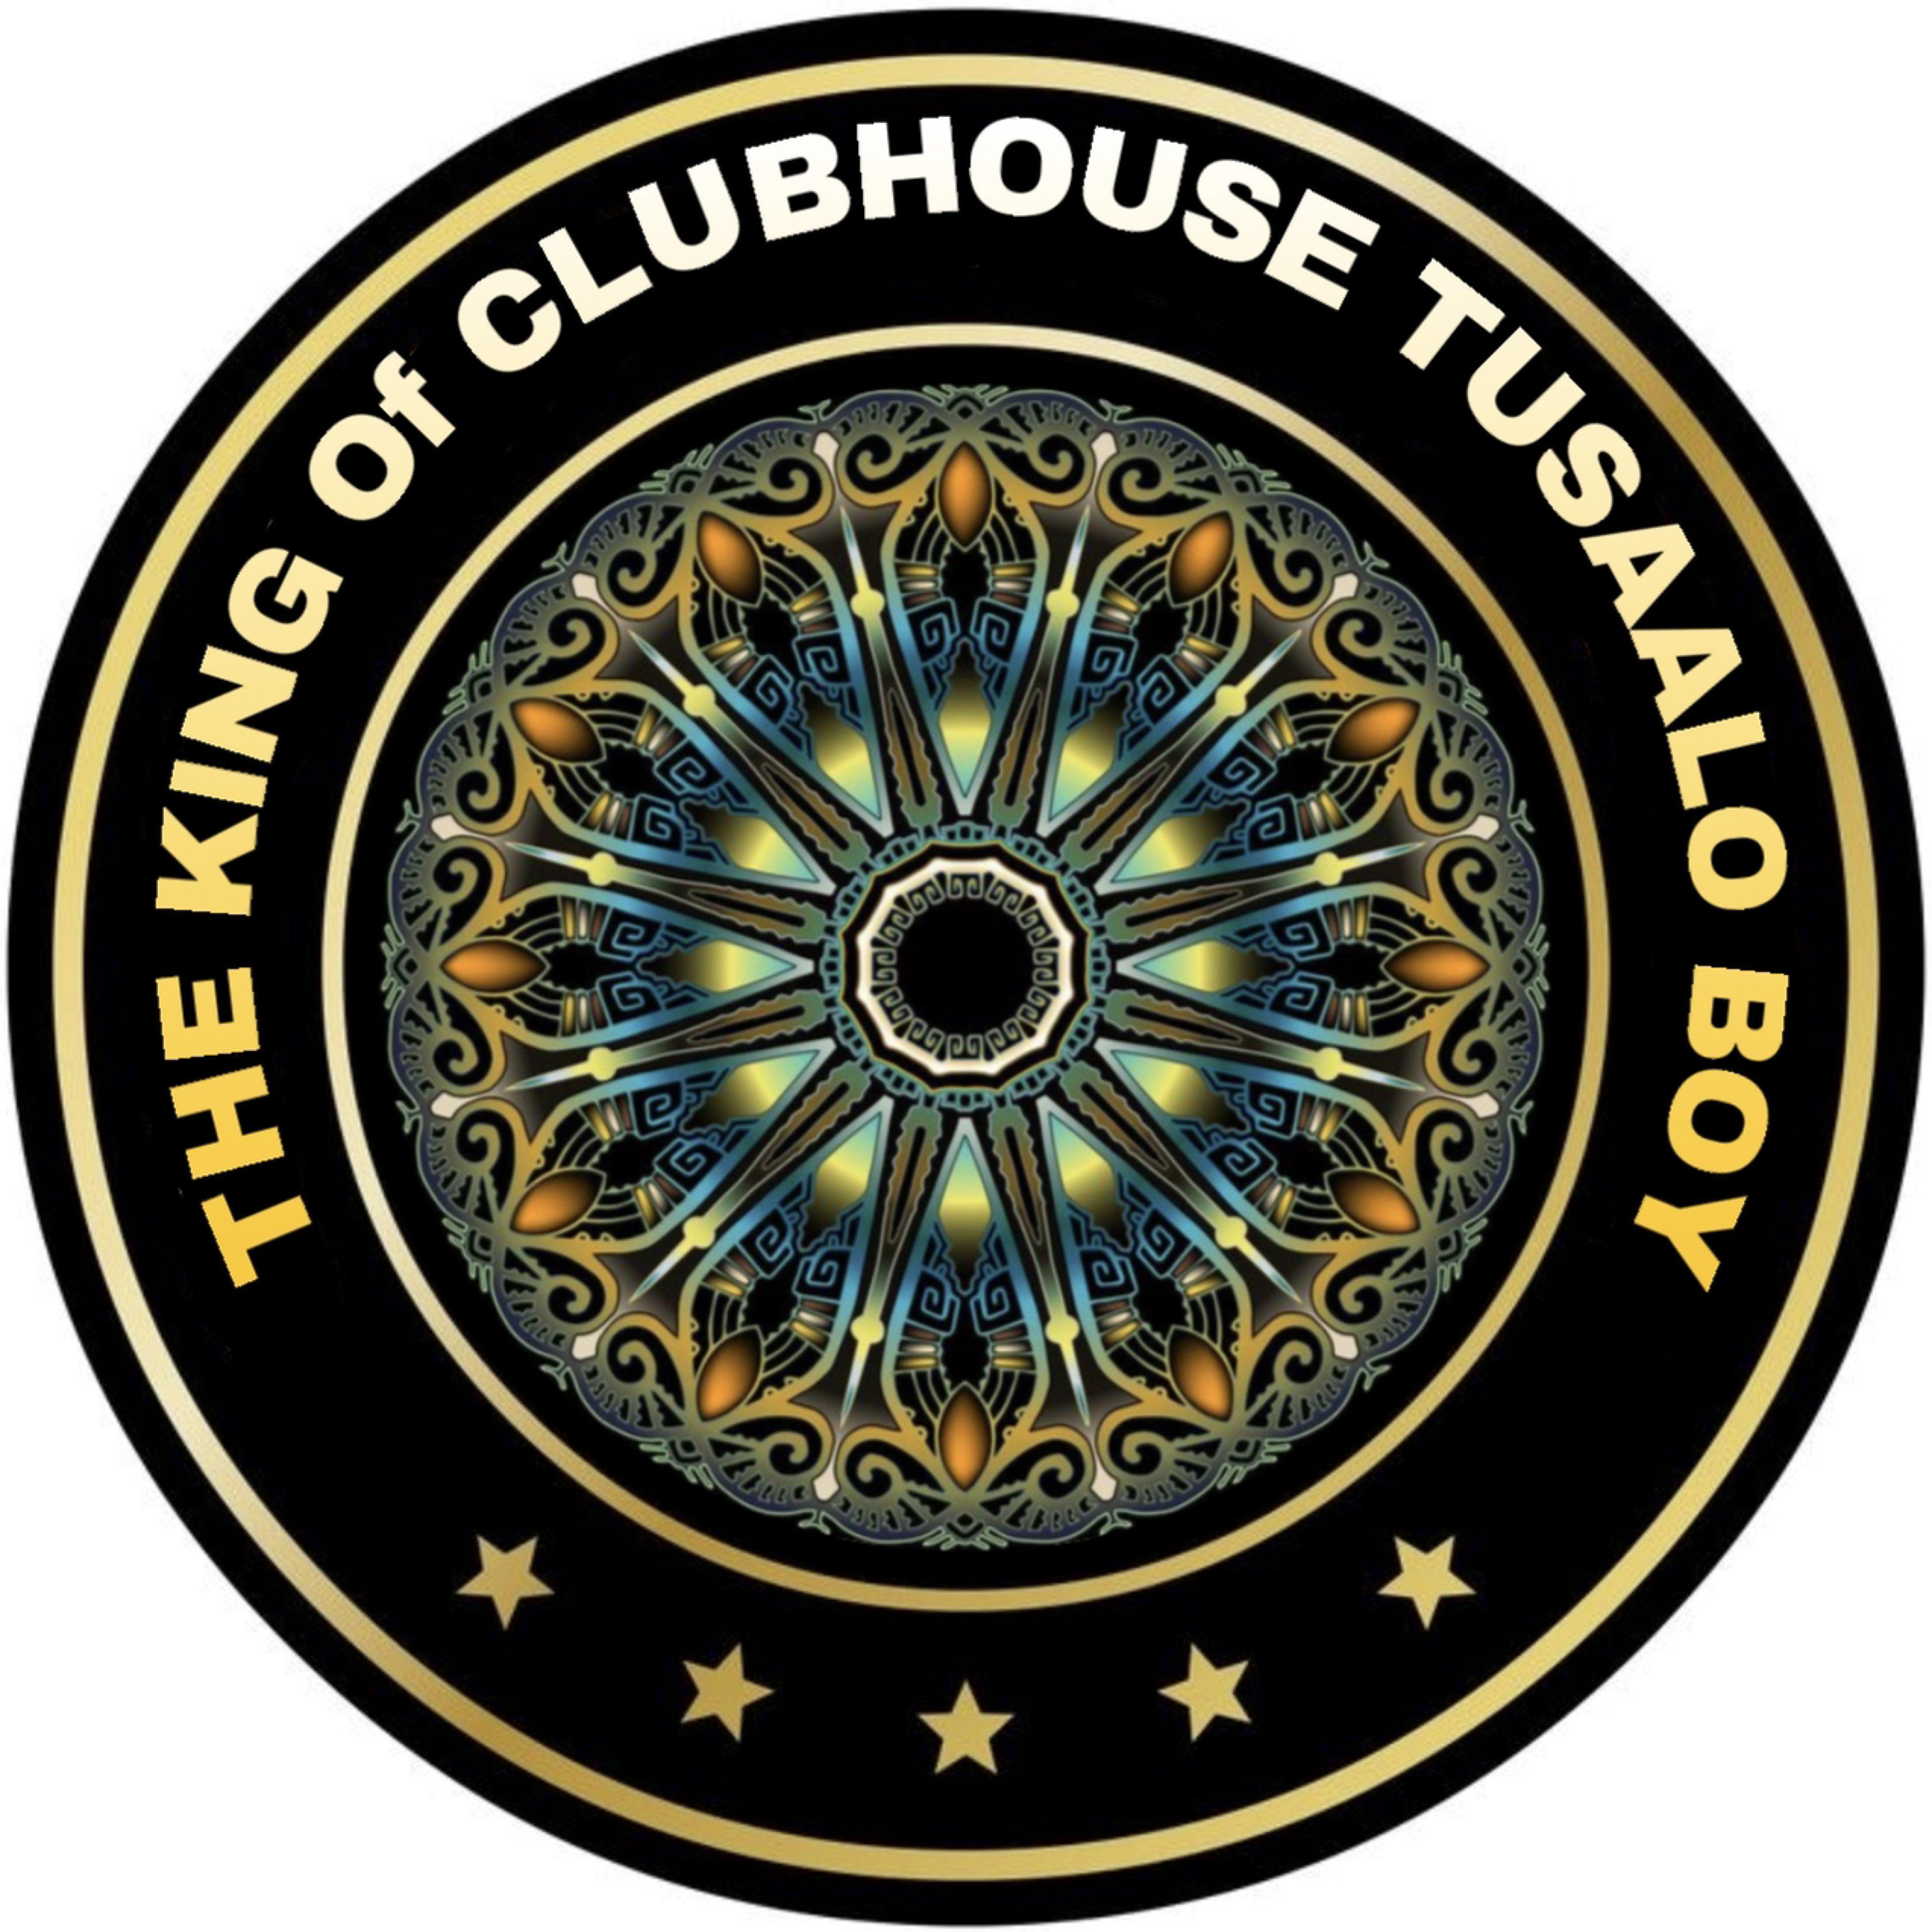 TUSAALO BOY Clubhouse